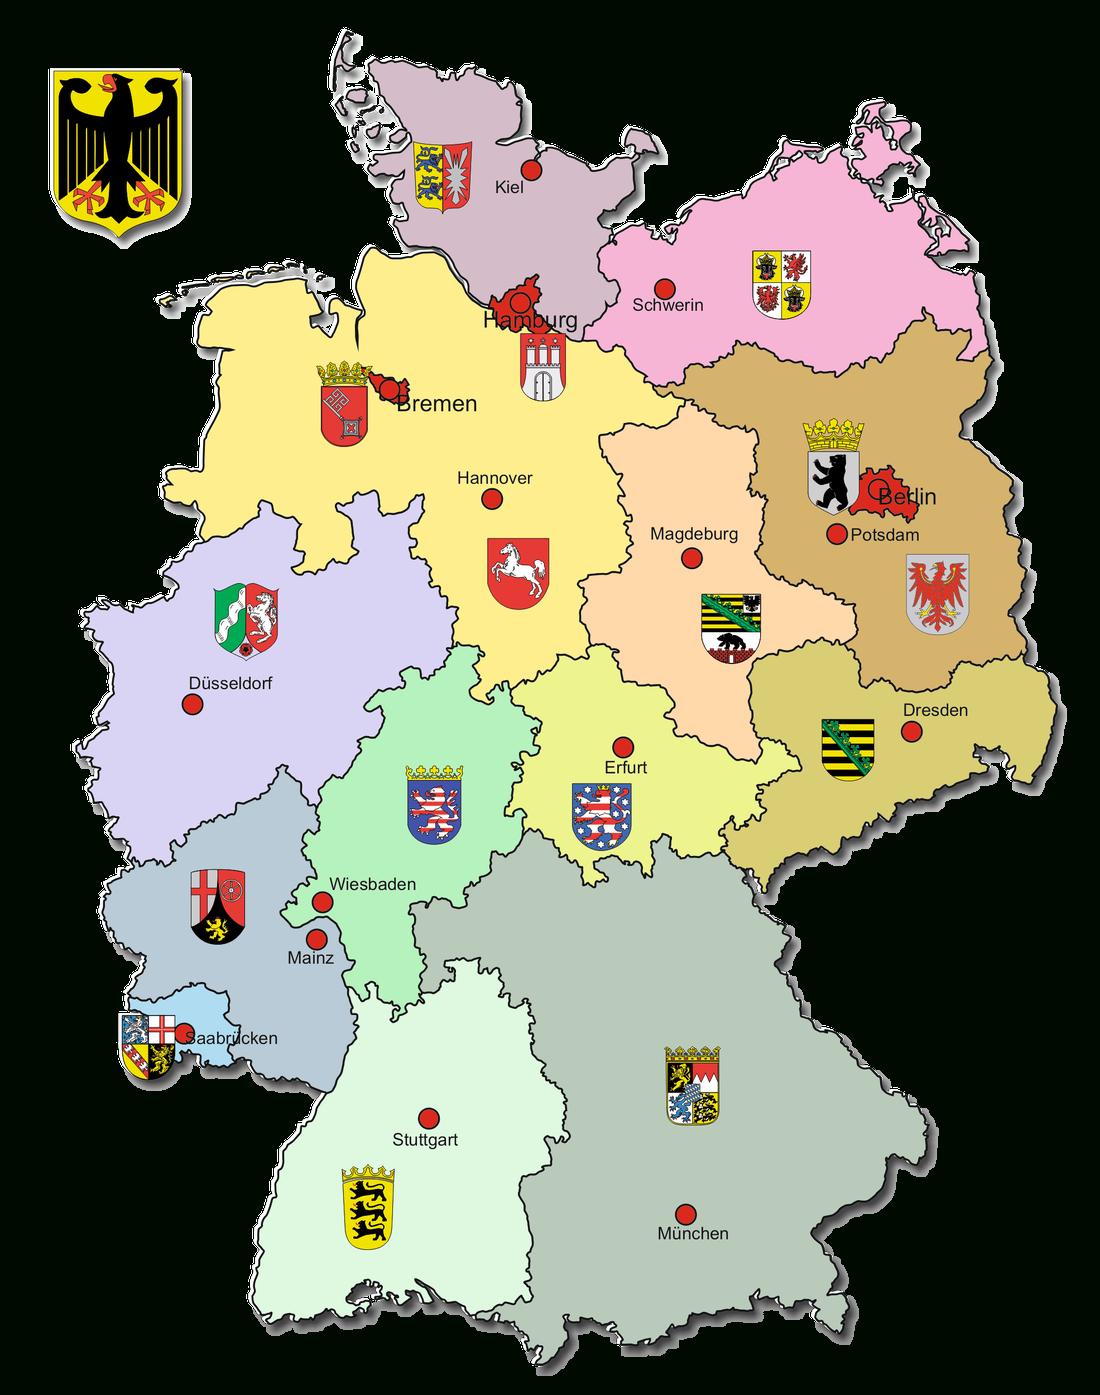 Bundesländer Und Hauptstädte - Geographie Deutschlands in Deutsche Bundesländer Mit Hauptstädten